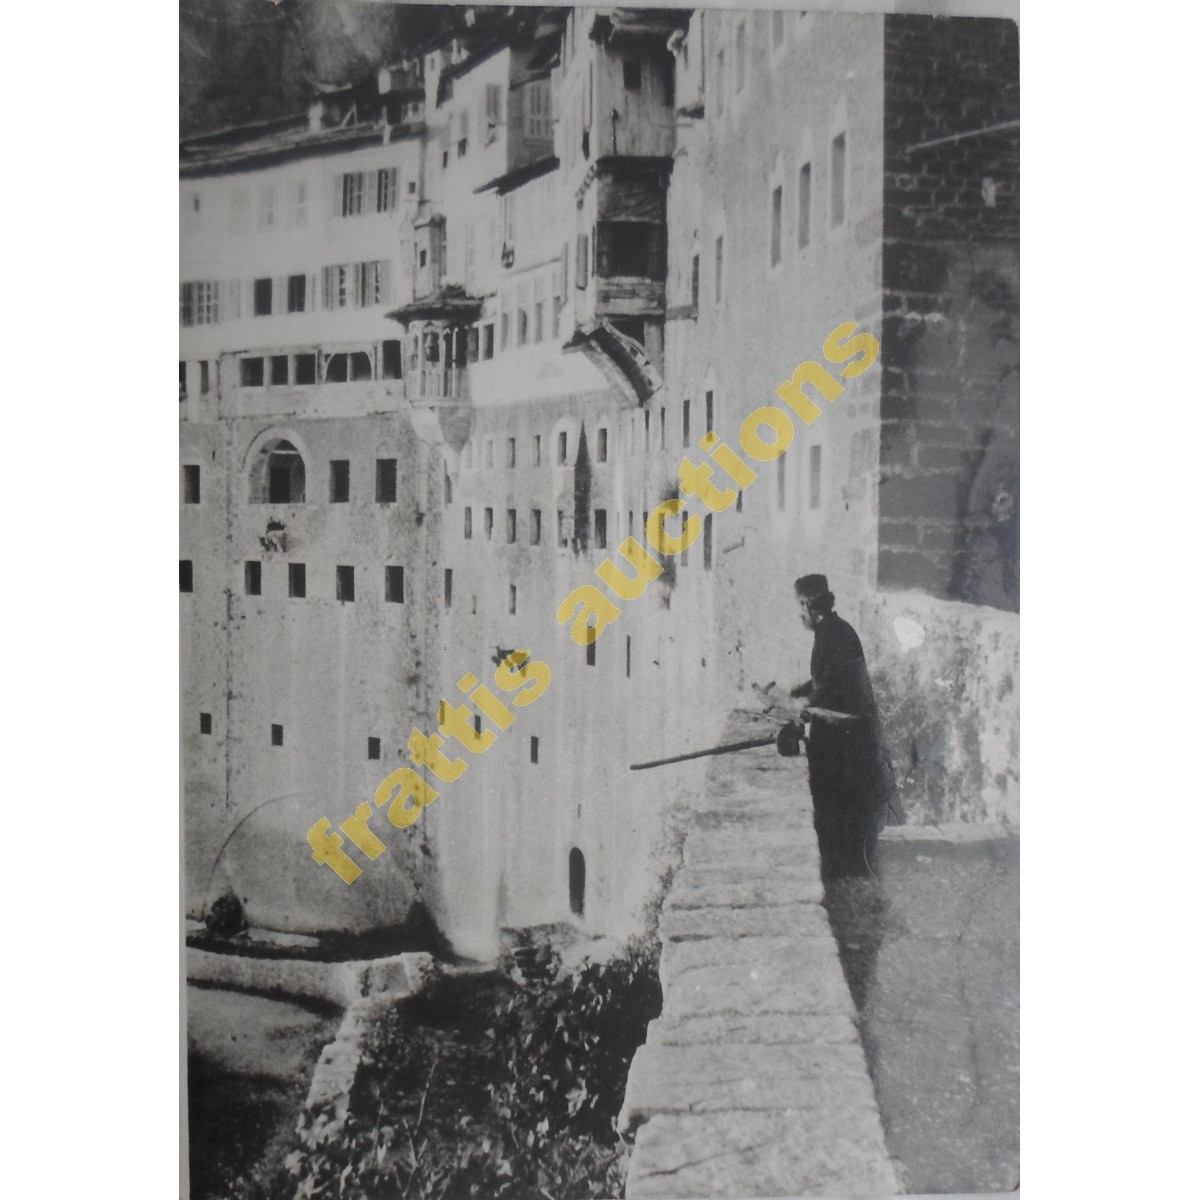 Αφοί ΜΕΓΑΛΟΚΟΝΟΜΟΥ μοναχός στο Μέγα Σπήλαιο Αχαϊα.